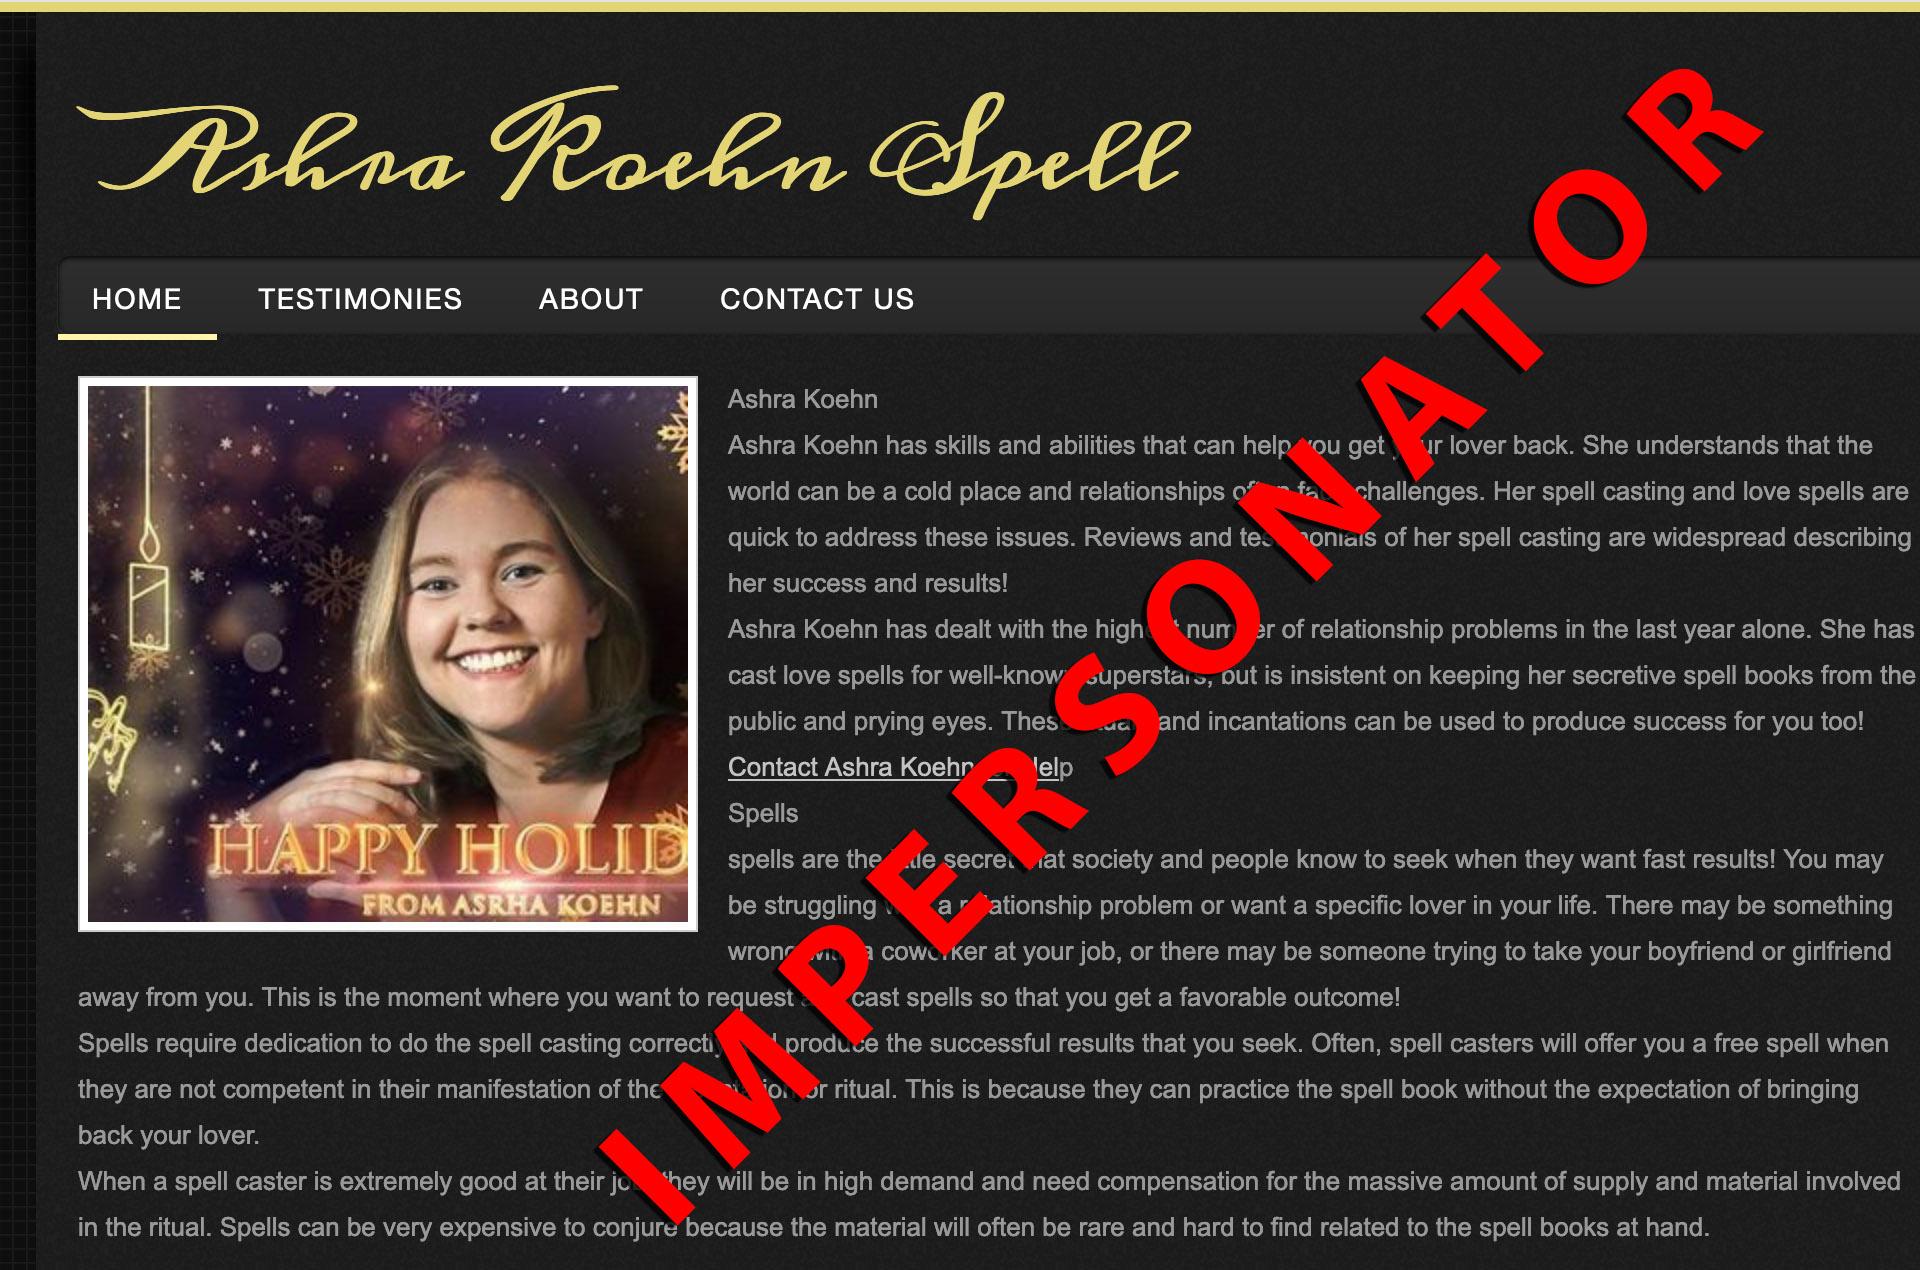 Ashra-Koehns-Spell-Webs-Impersonator.jpg